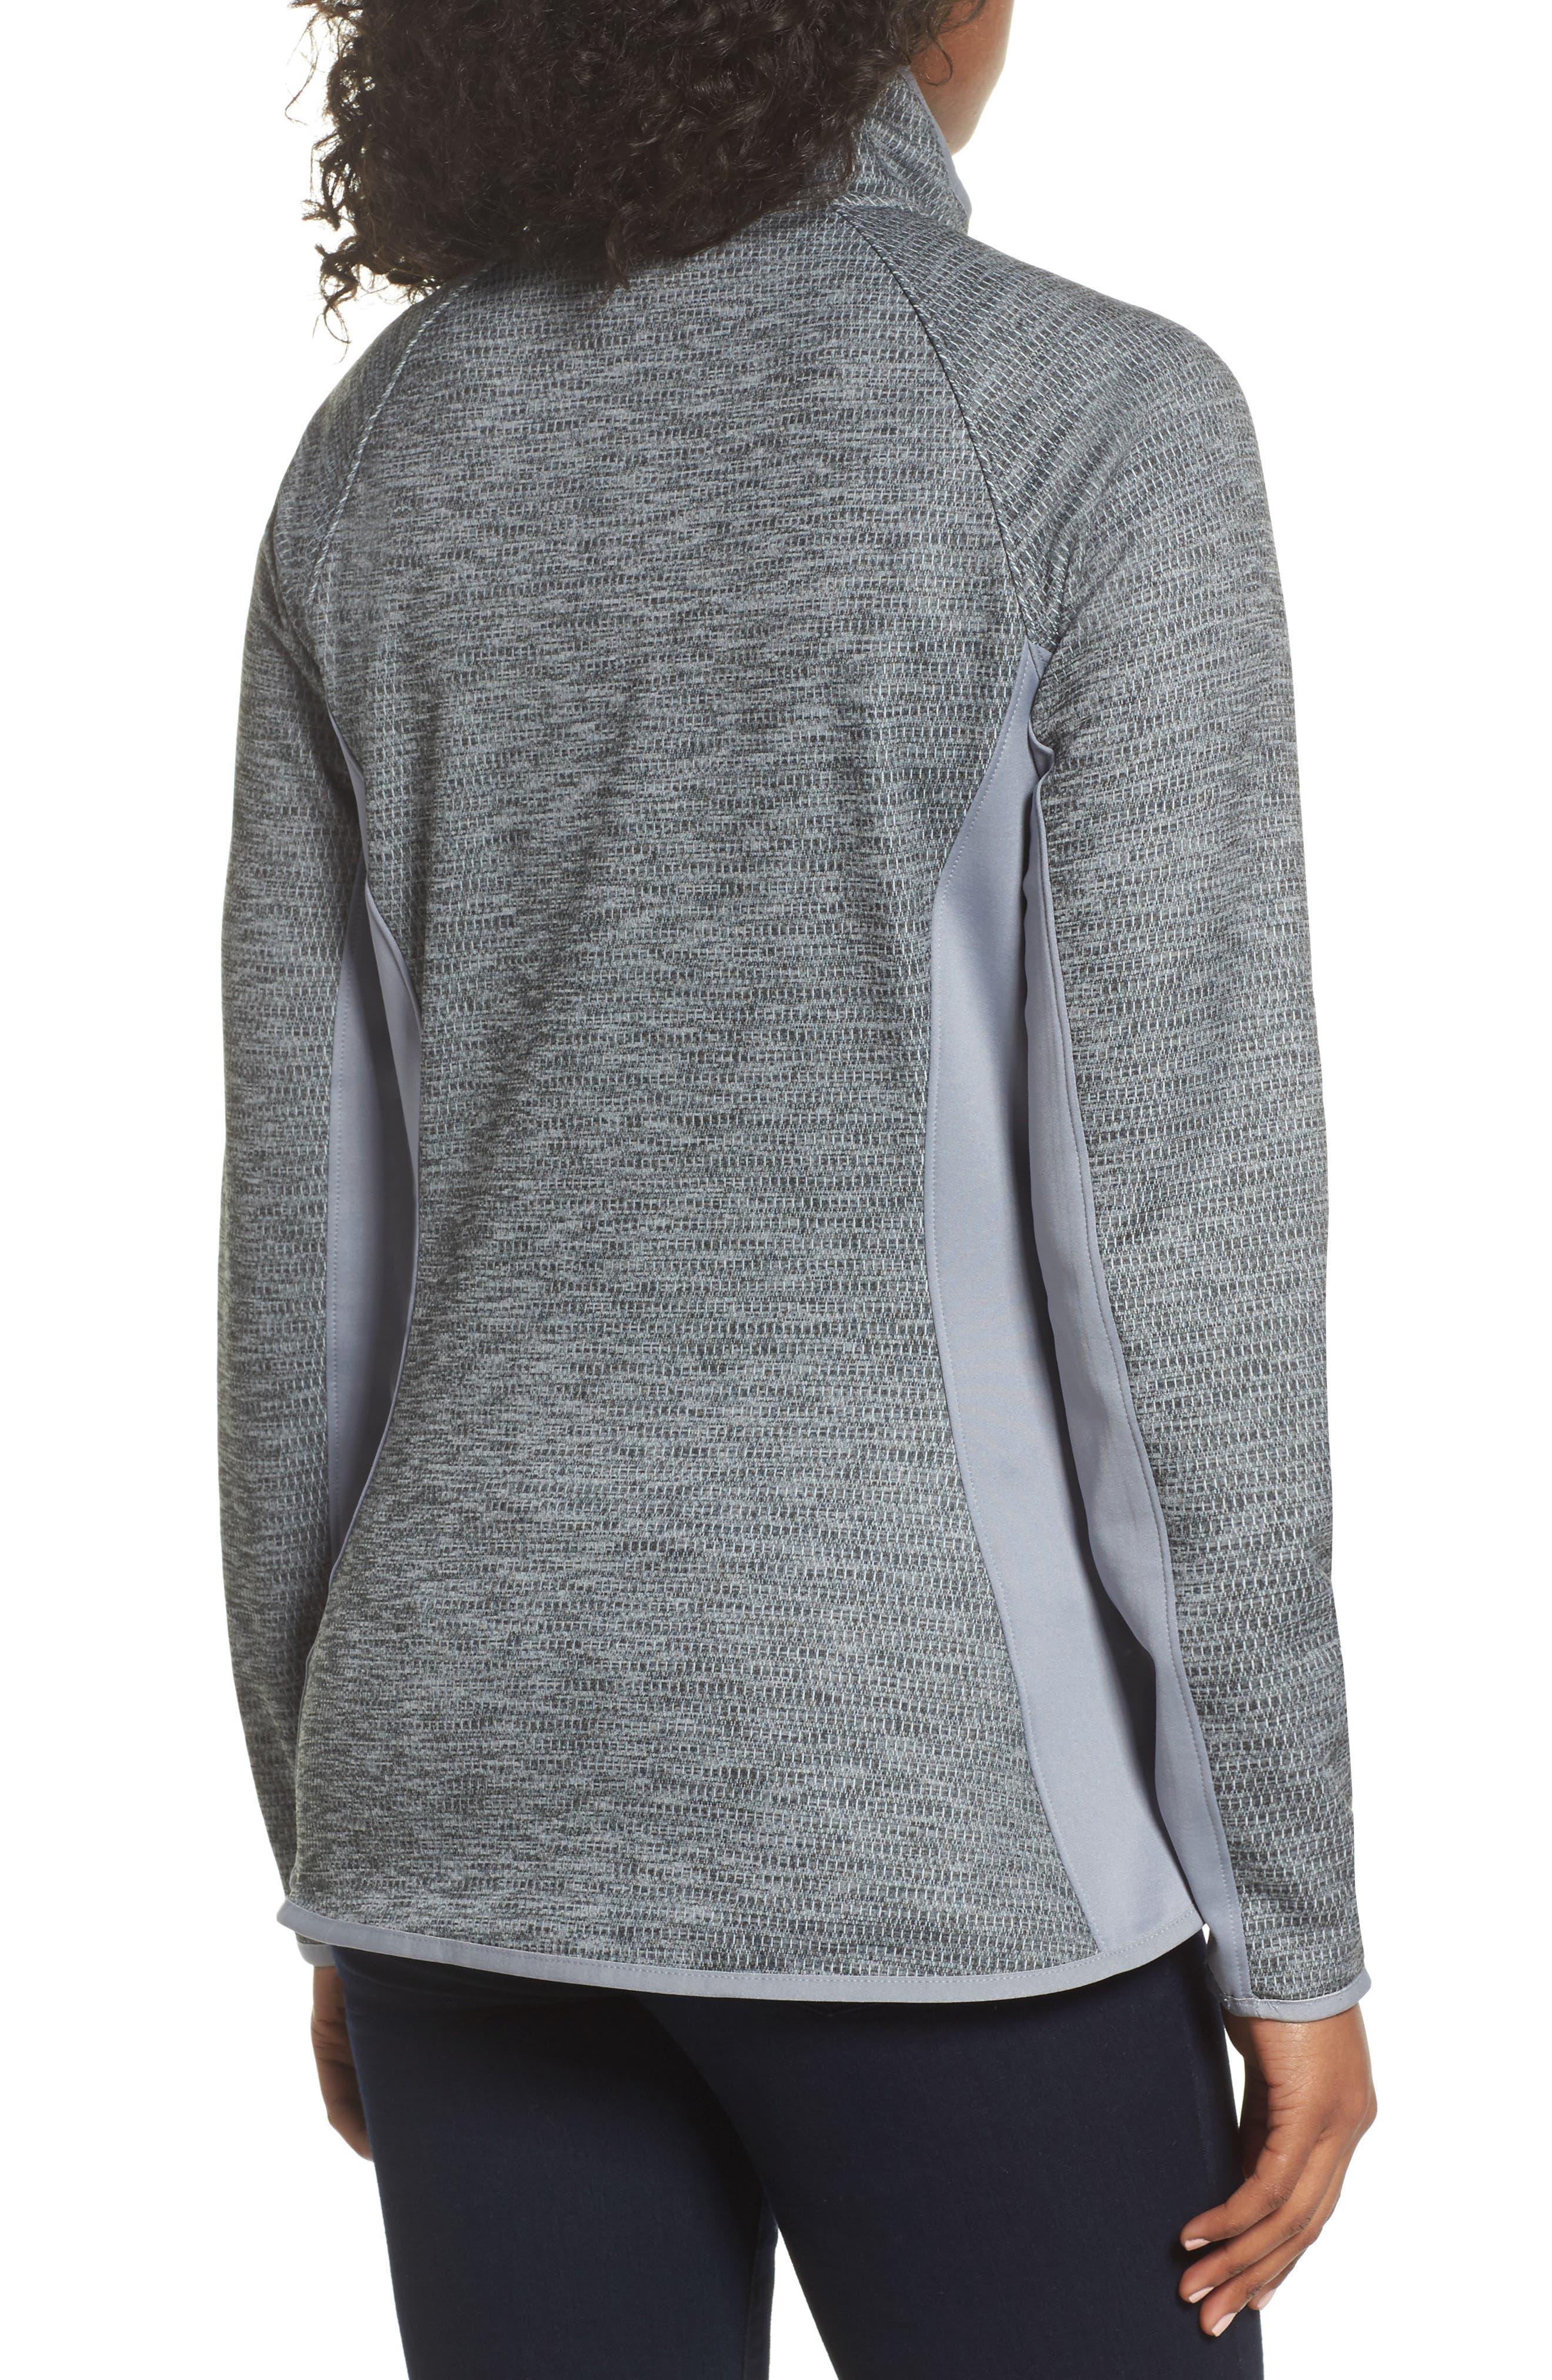 Arcata Zip Jacket,                             Alternate thumbnail 2, color,                             Tnf Mid Grey Heather/ Black